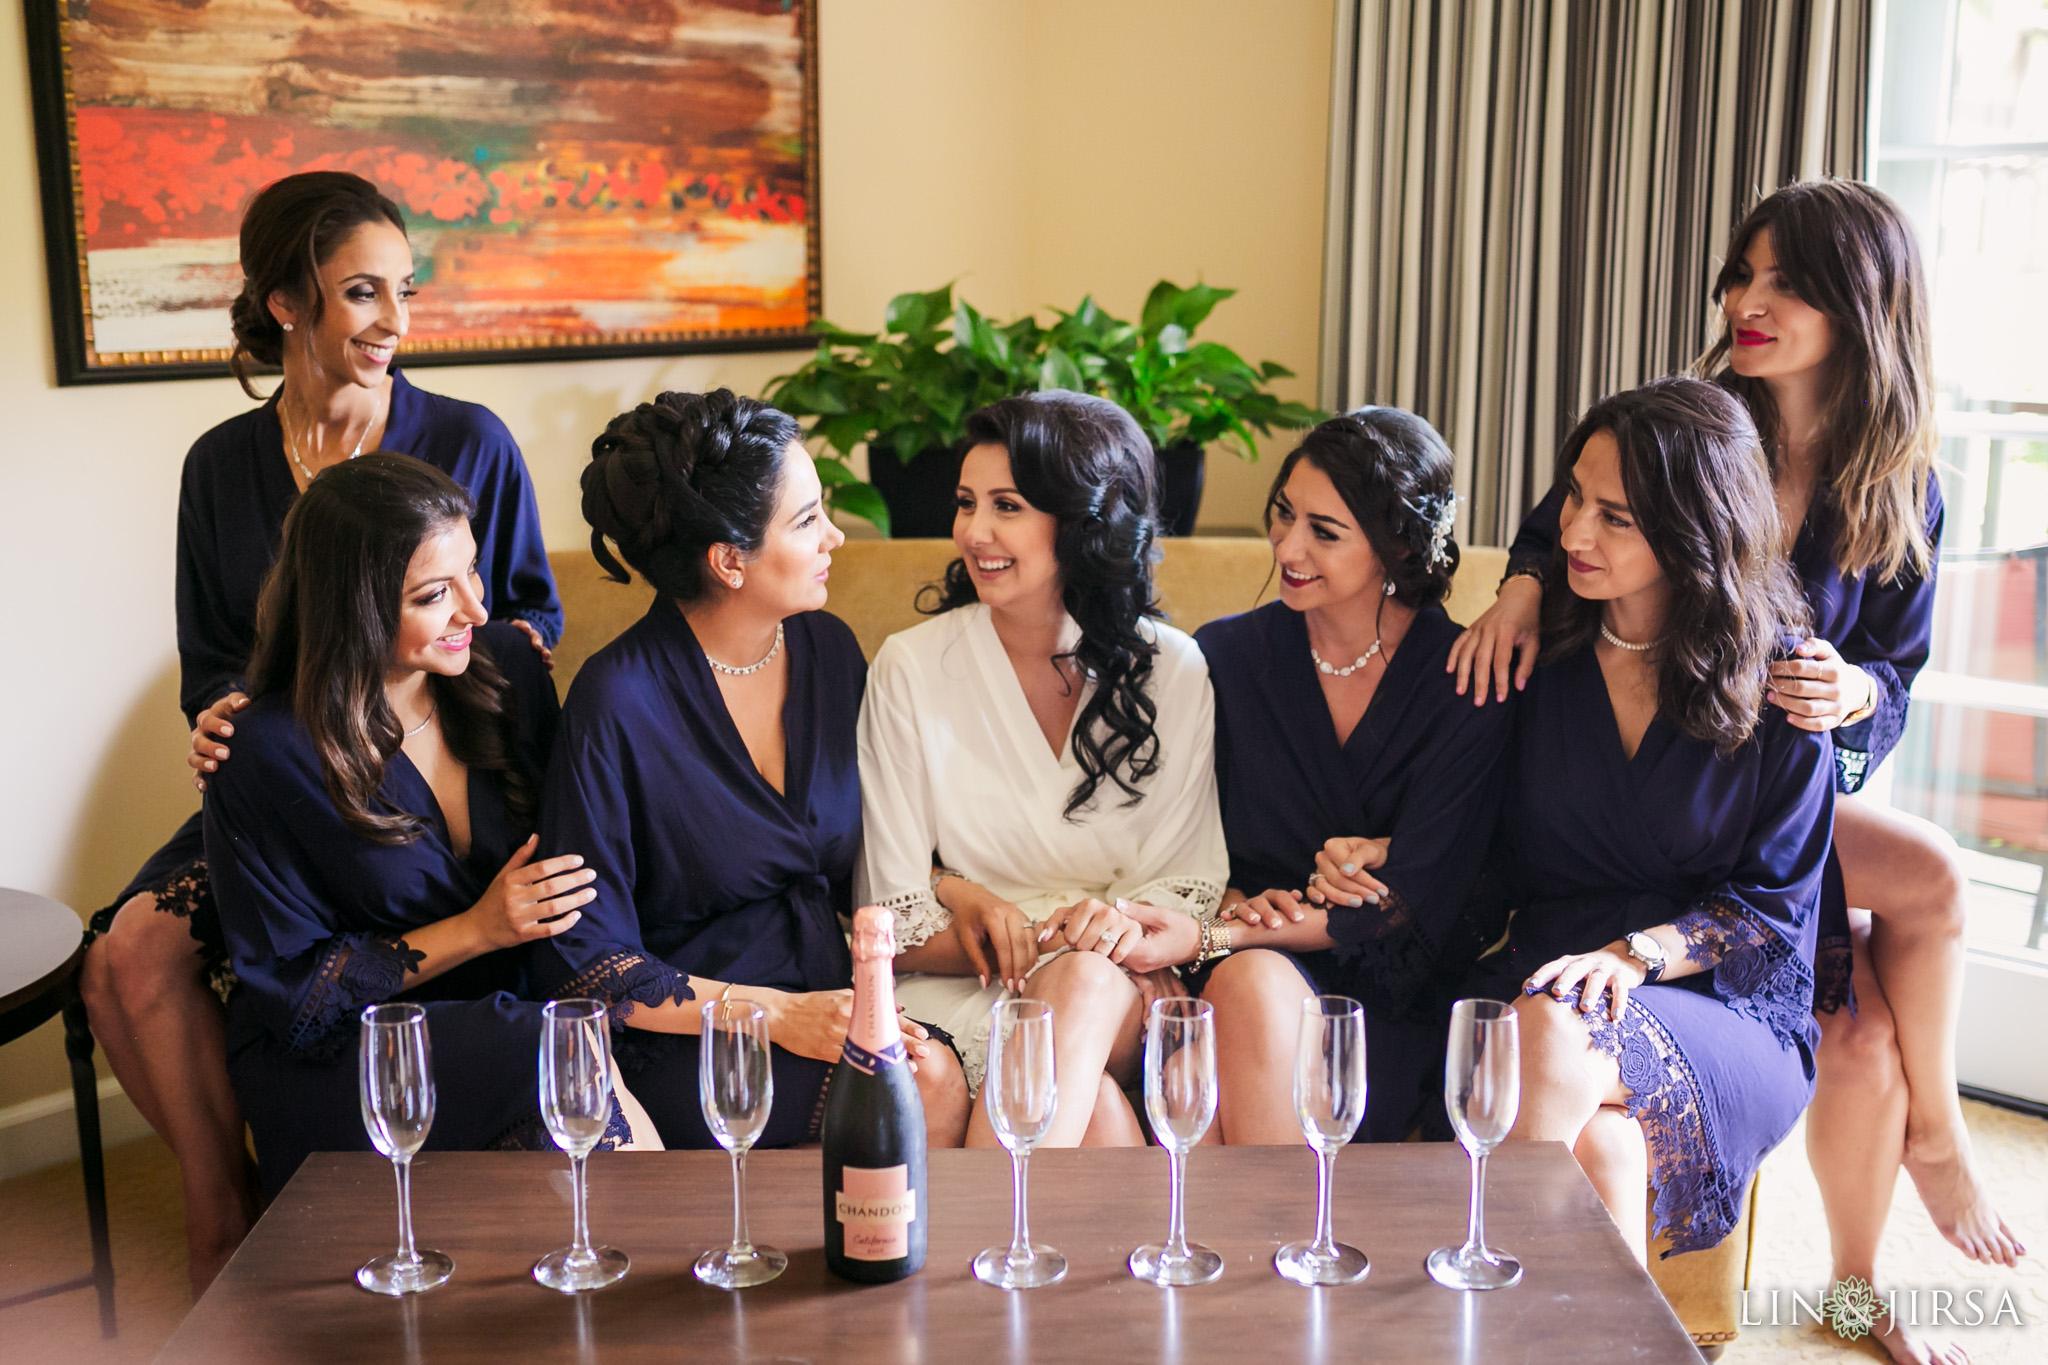 004 estancia la jolla hotel spa persian briesmaids wedding photography